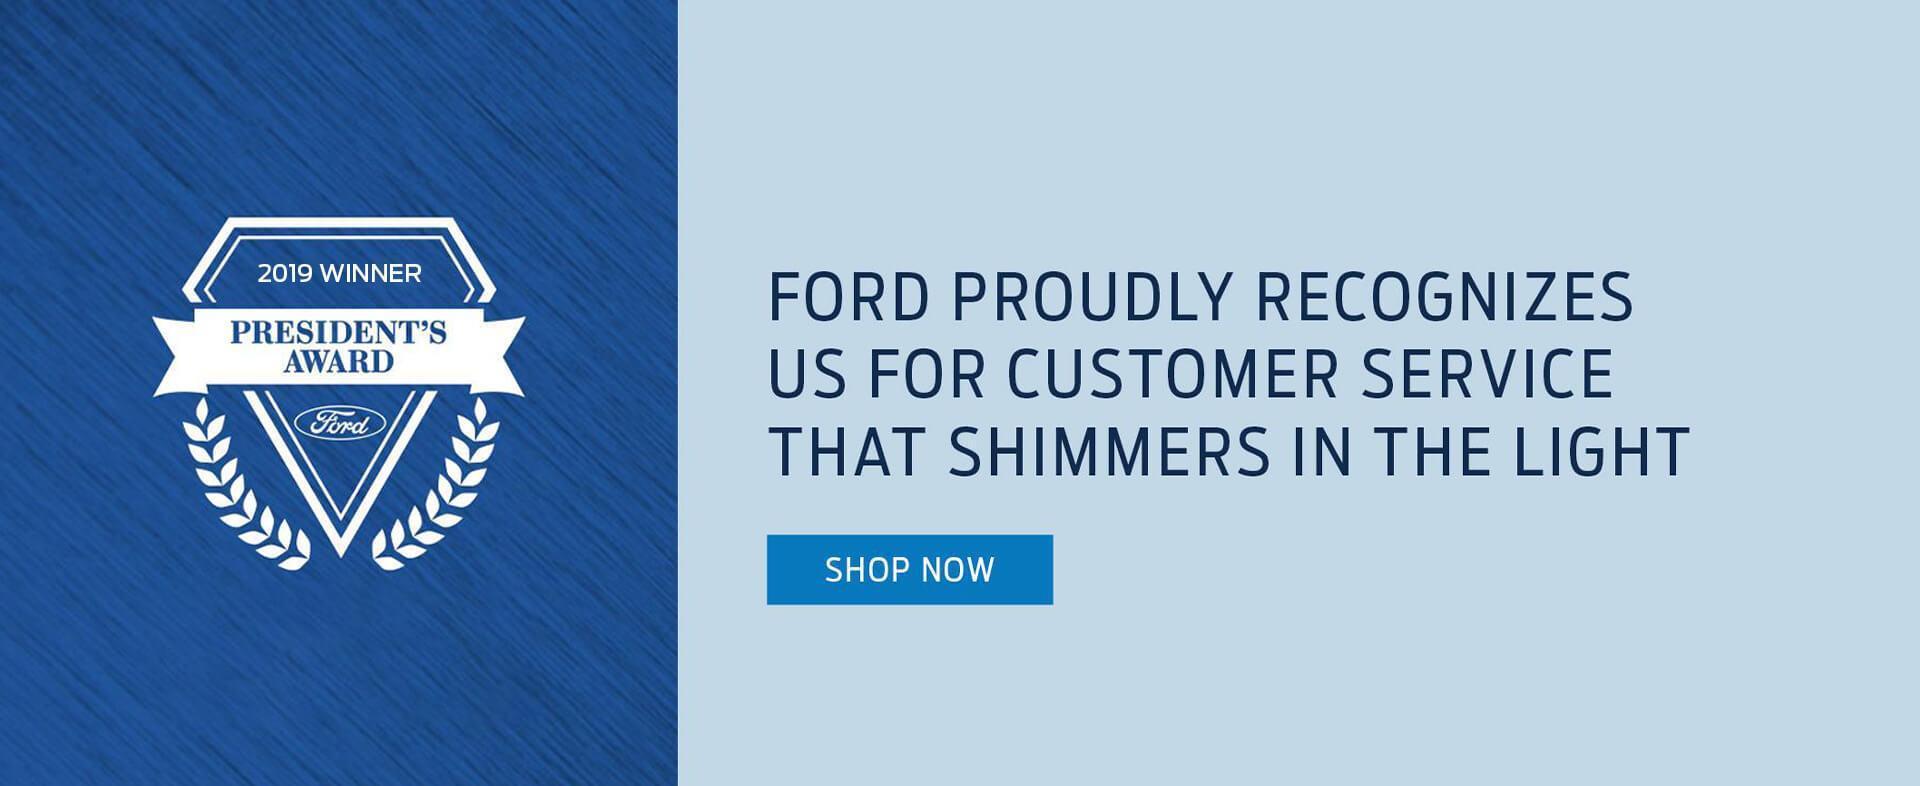 2019 Ford President's Award